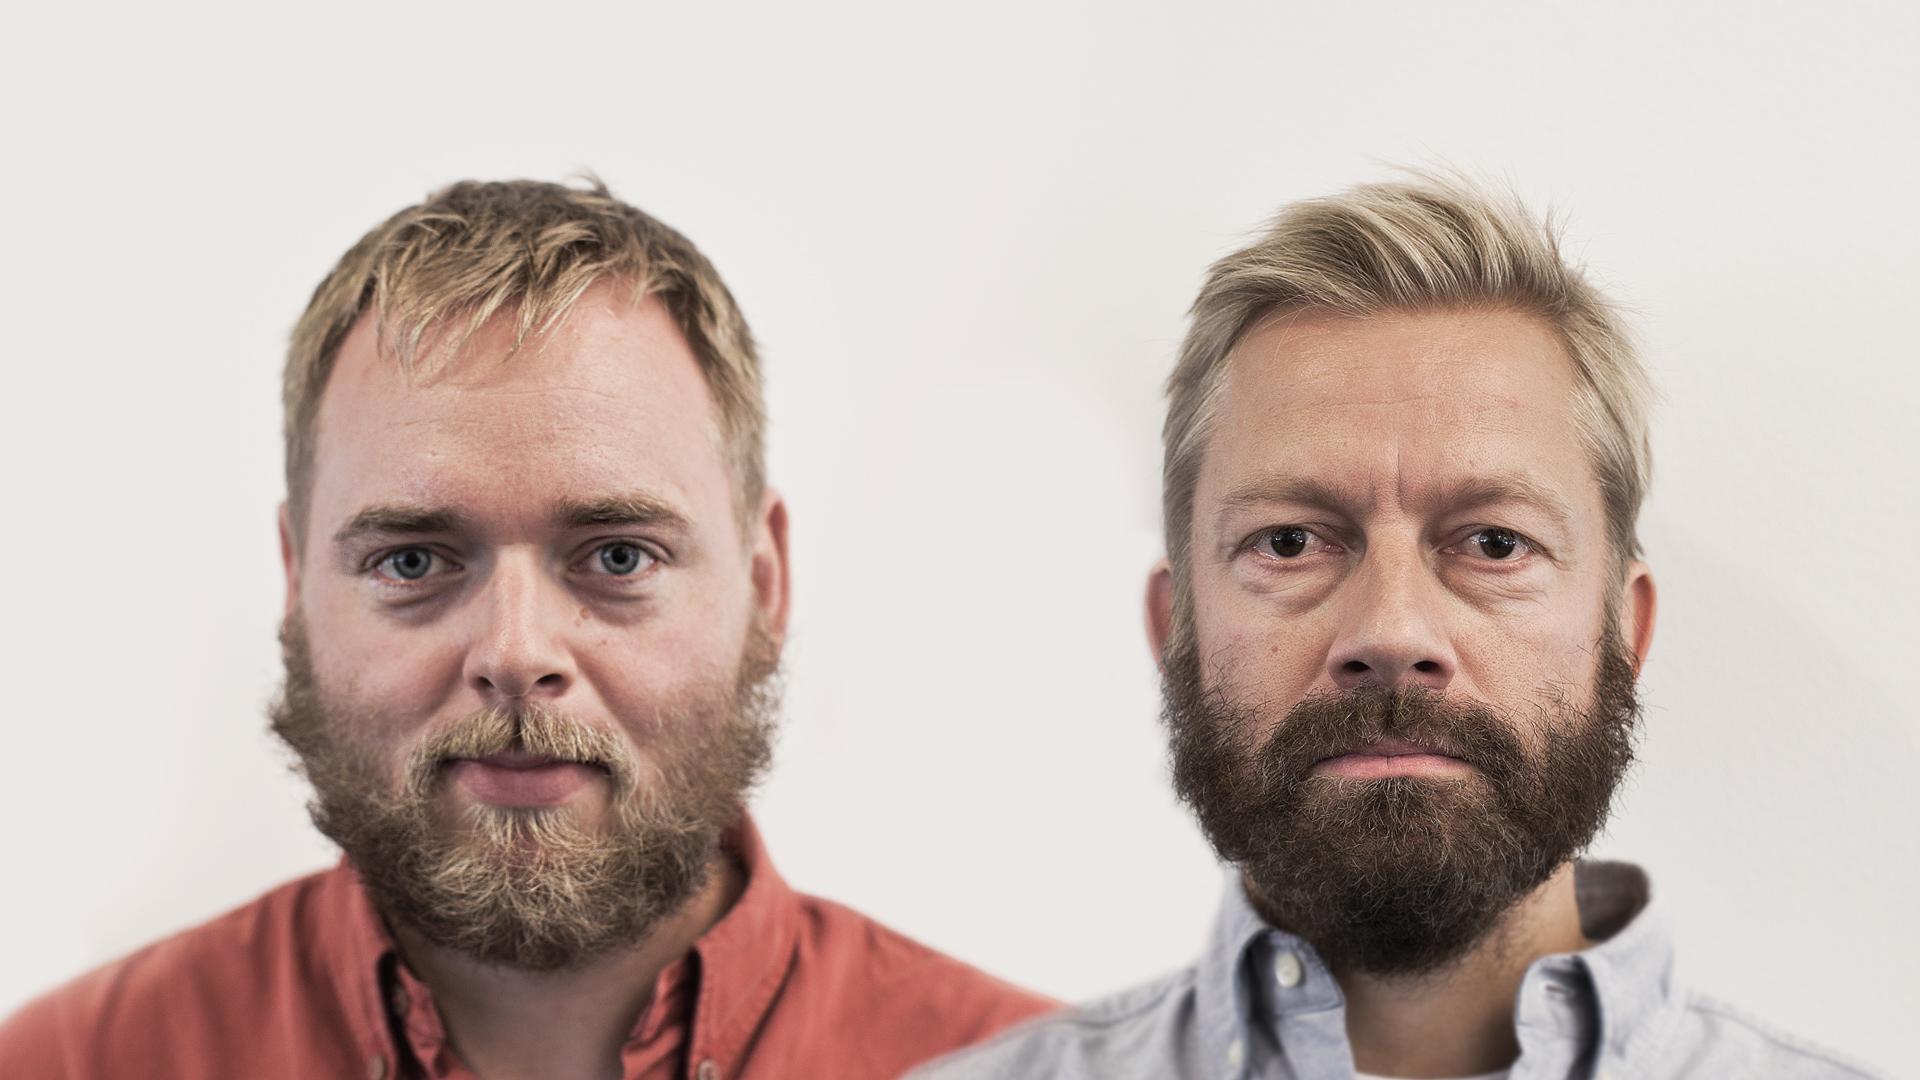 Tore og Bjarte med utbrettet skjegg (Foto: Jonas Bødtker, NRK P3).